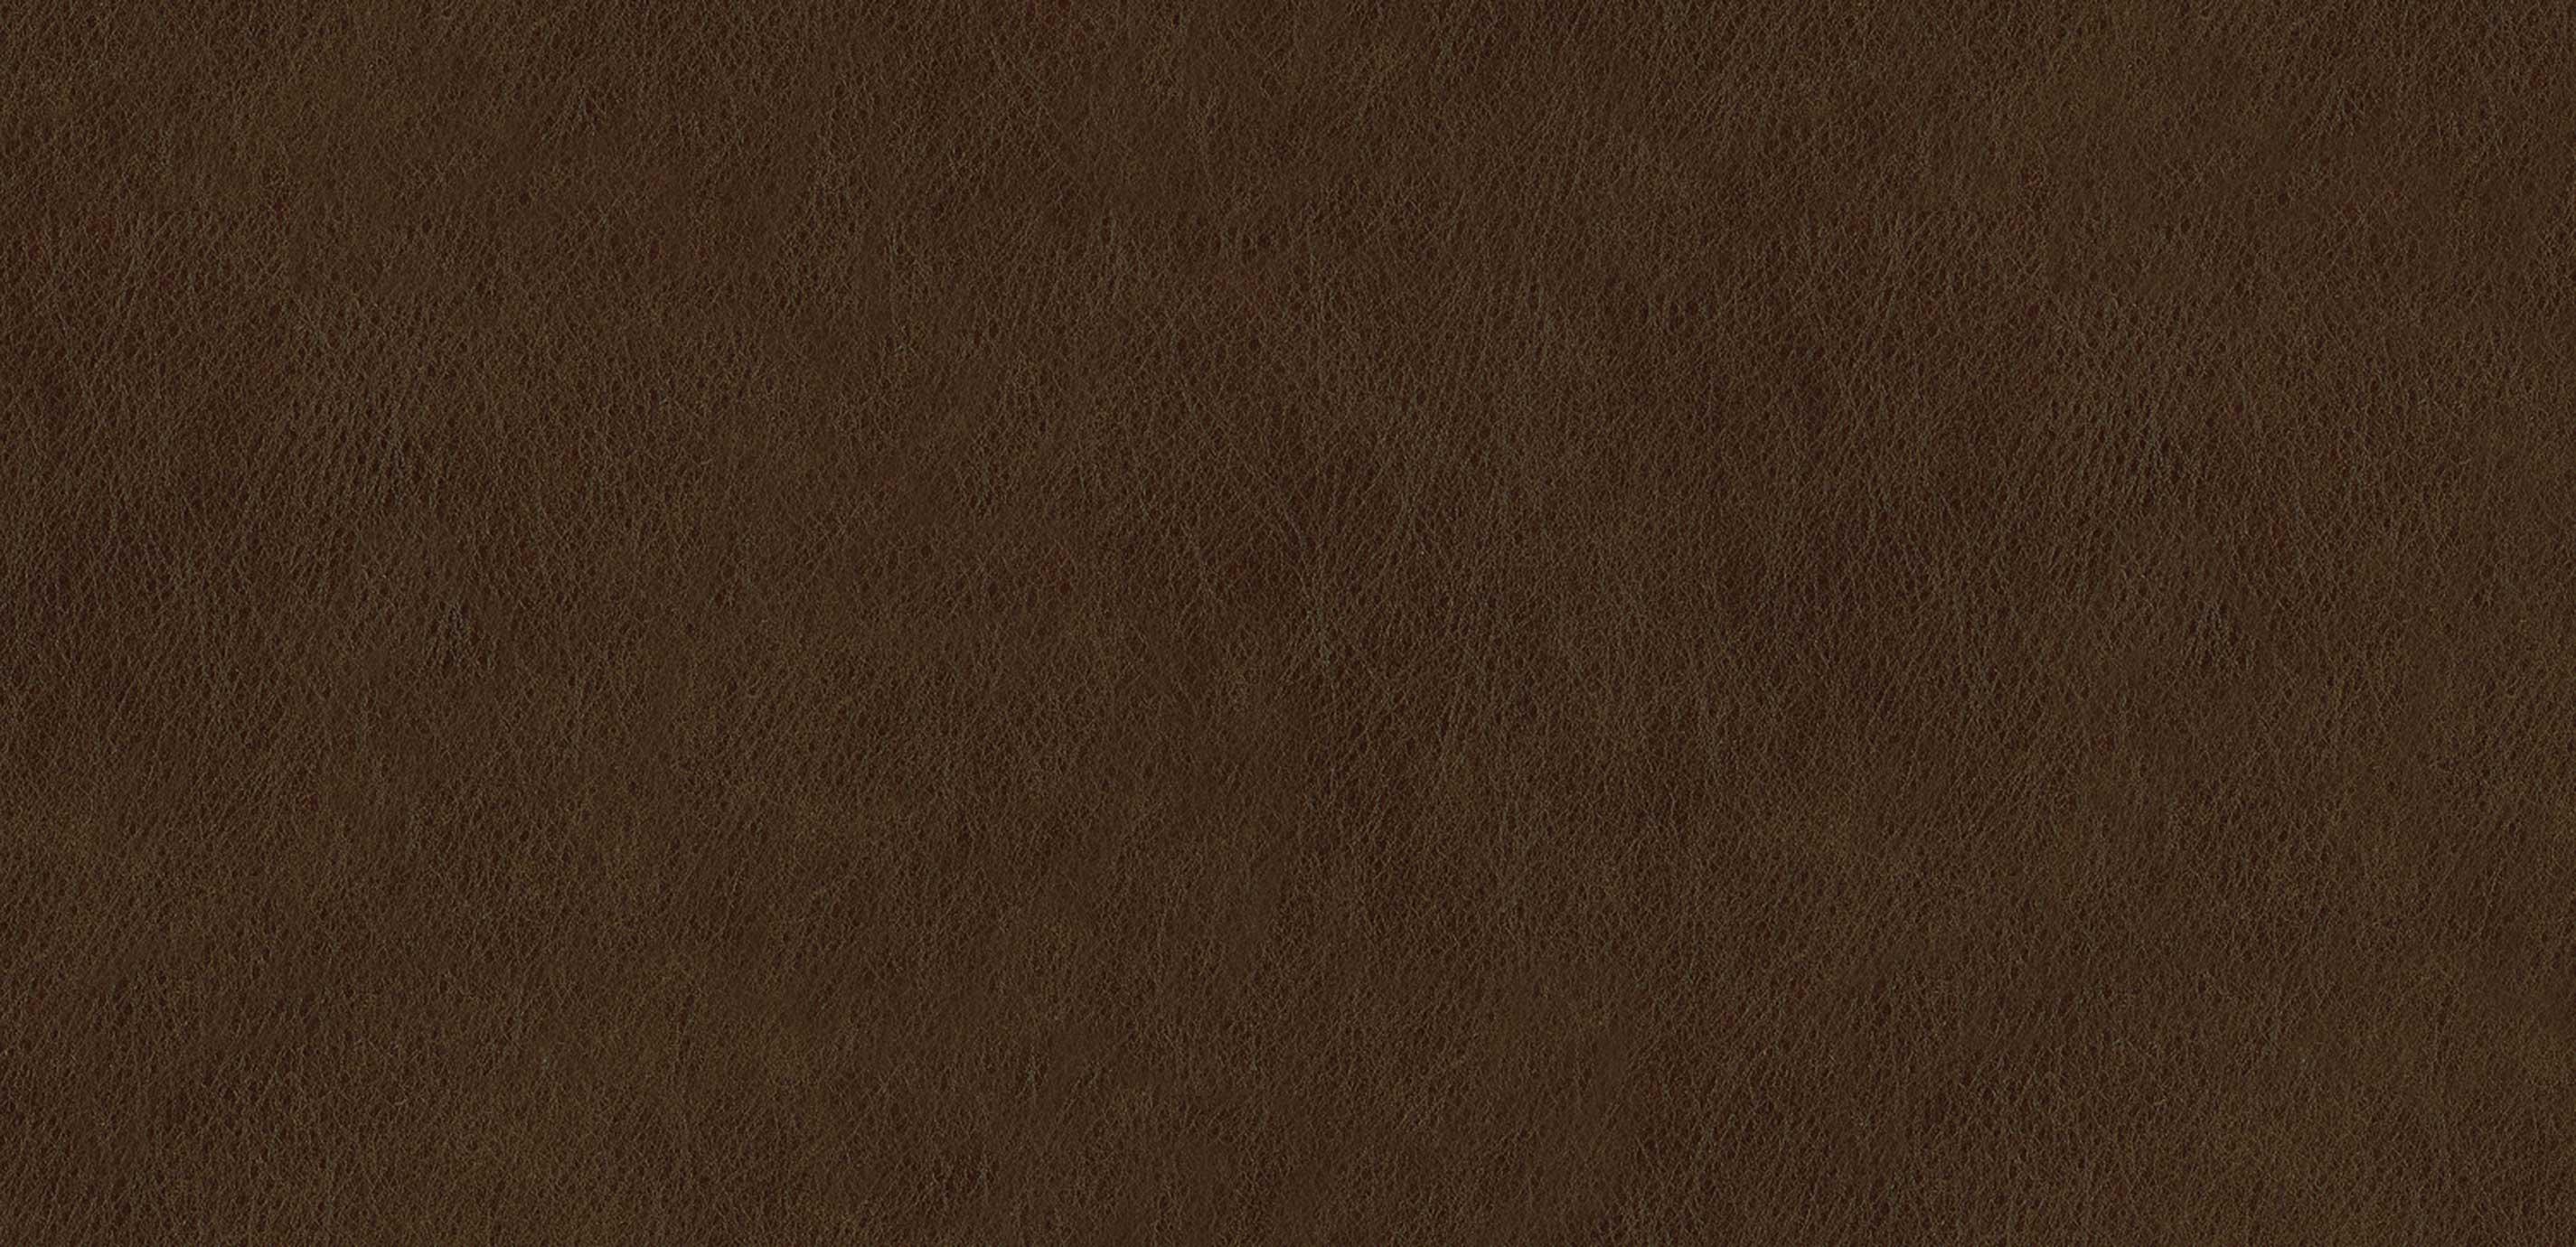 Sherwood Dark Brown Leather Swatch Ethan Allen Ethan Allen